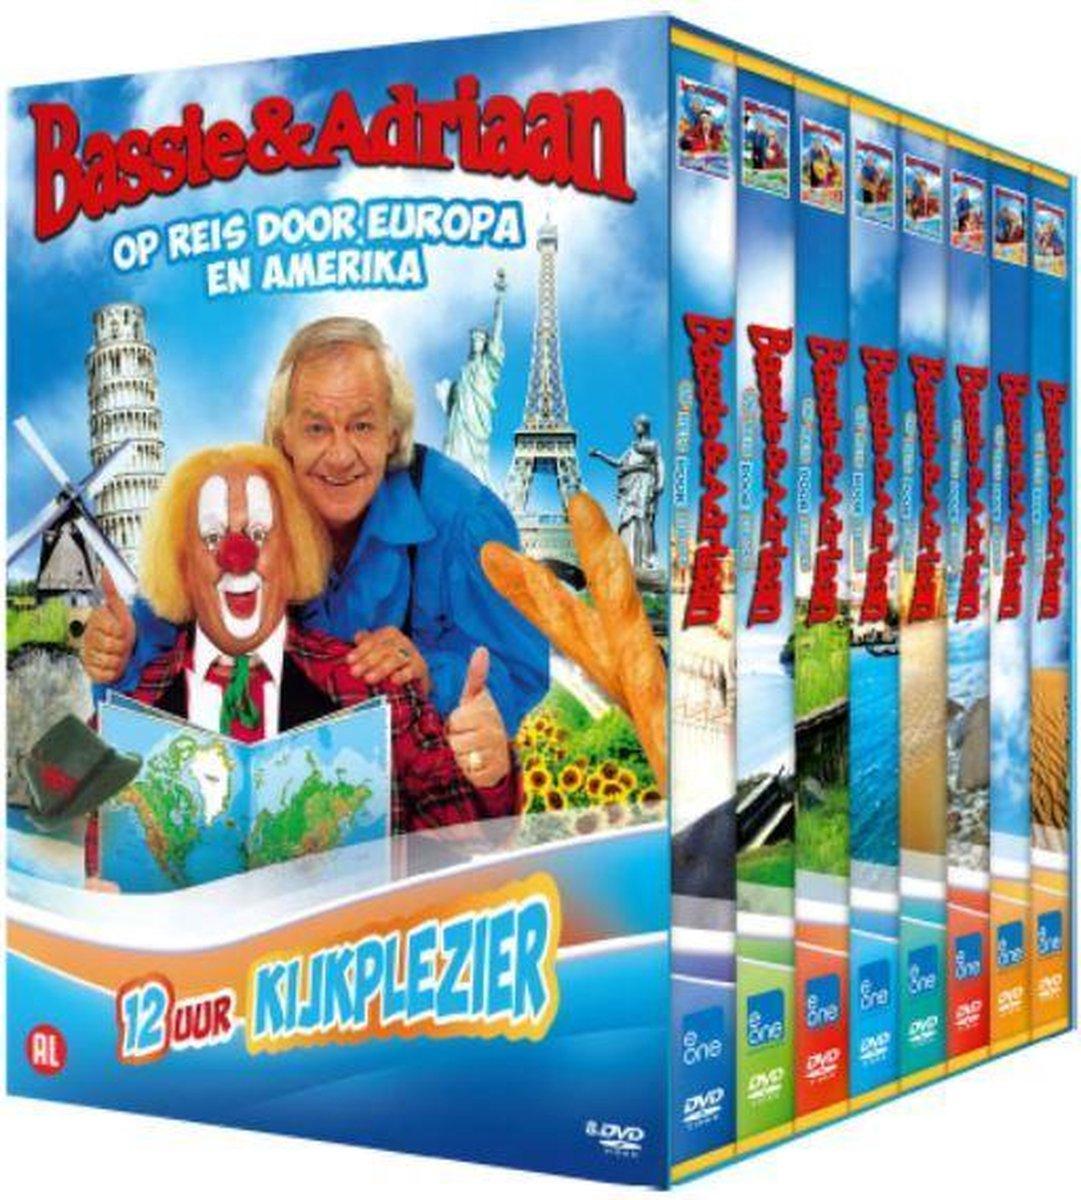 Bassie & Adriaan Op Reis -